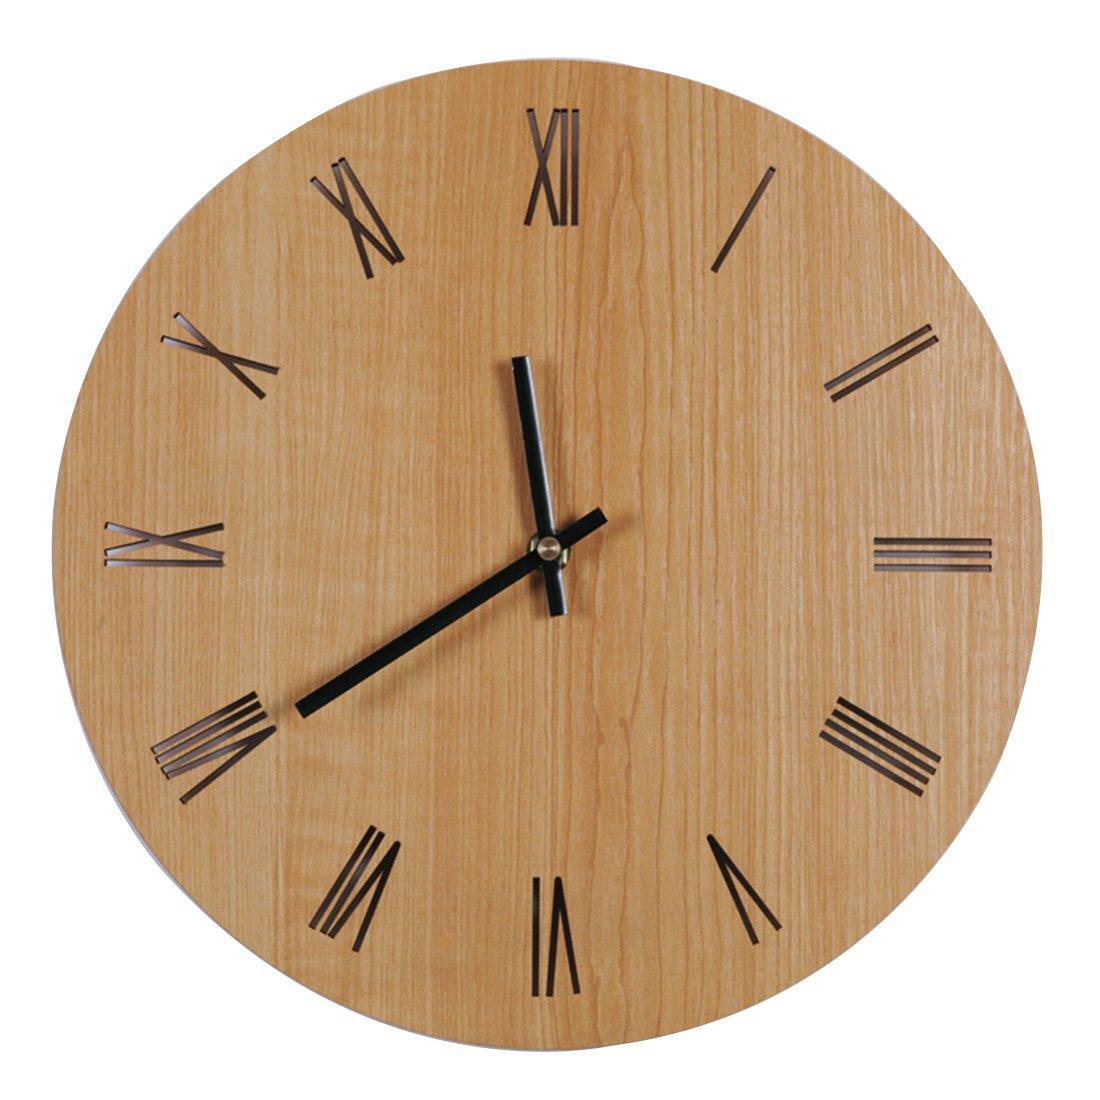 Mecotech 30cm Horloge Pendule Murale en Bois MDF Silencieuse, Style Simple Chiffres Romains Ciselés Le Décor de Salon Chambre Cuisine